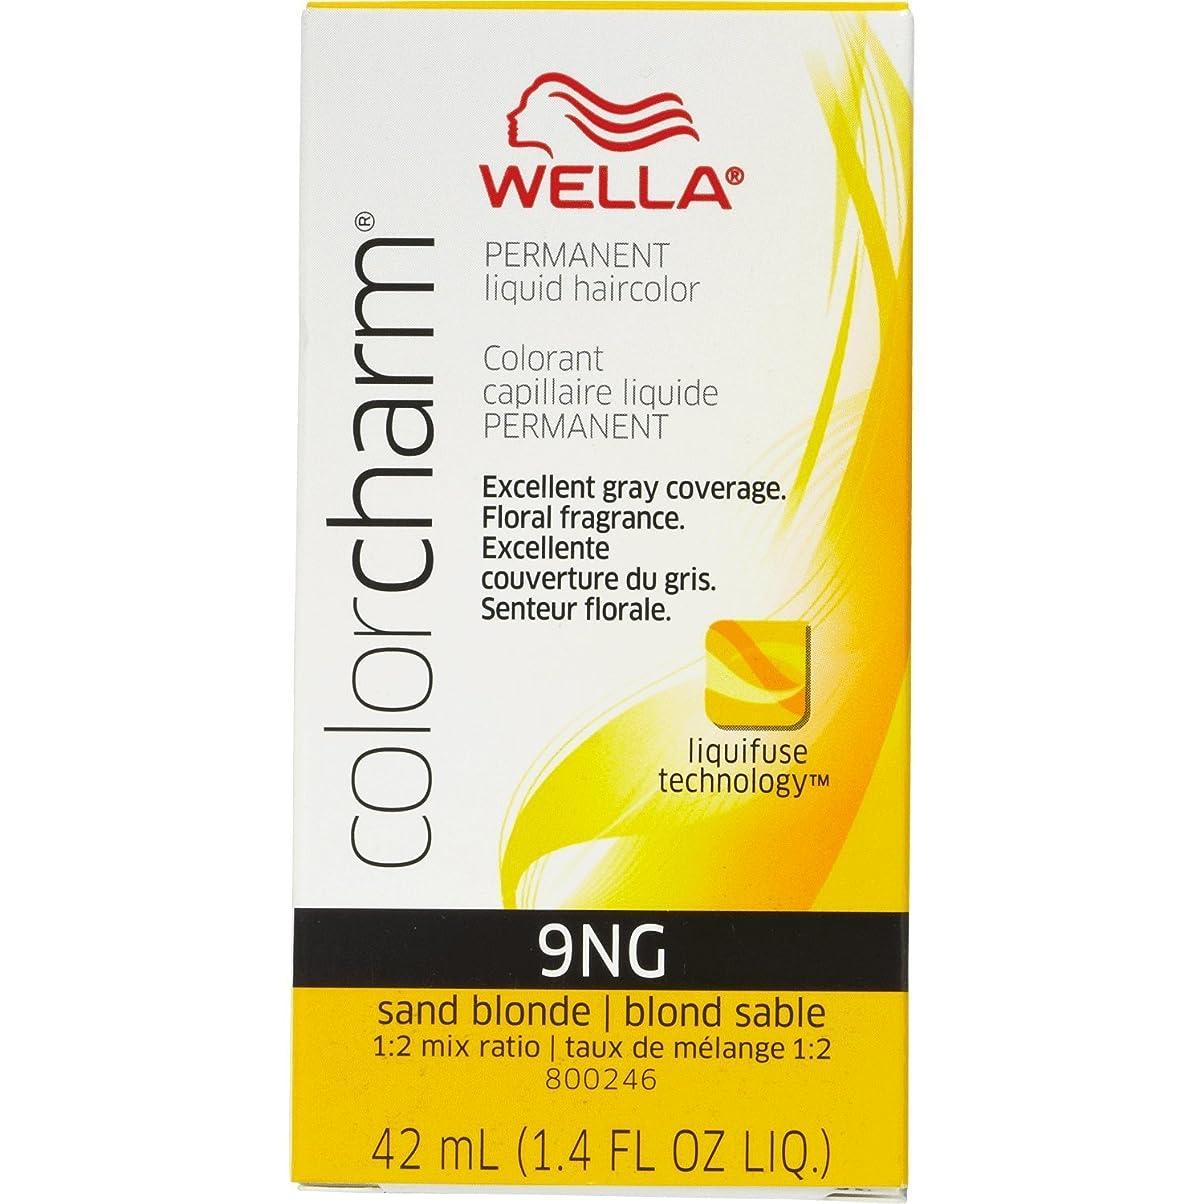 予算巡礼者潮Wella 砂のブロンド色のチャーム液体パーマネントヘアカラー